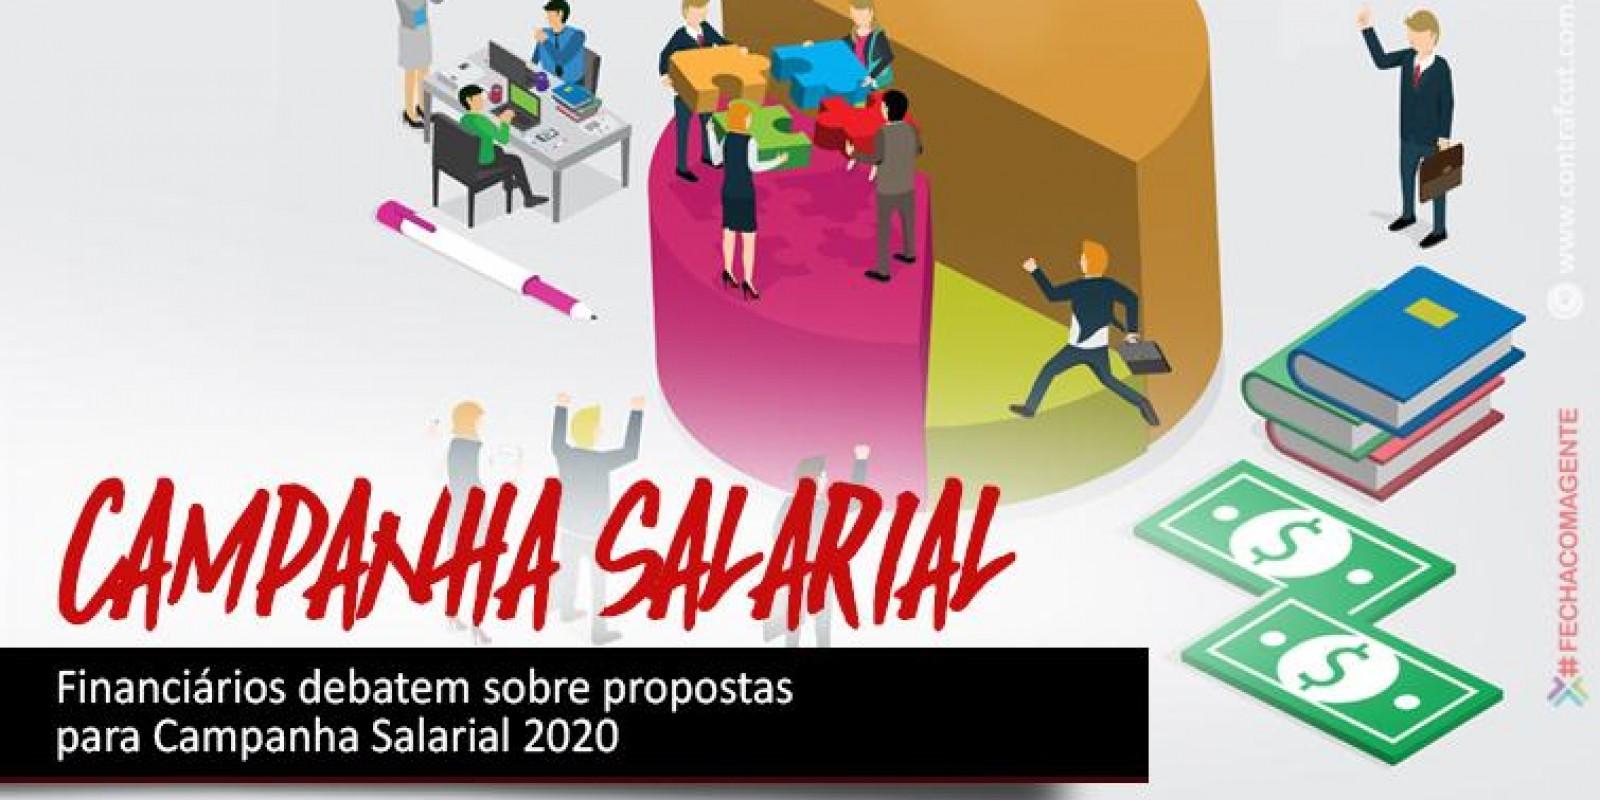 Financiários debatem sobre propostas para campanha salarial